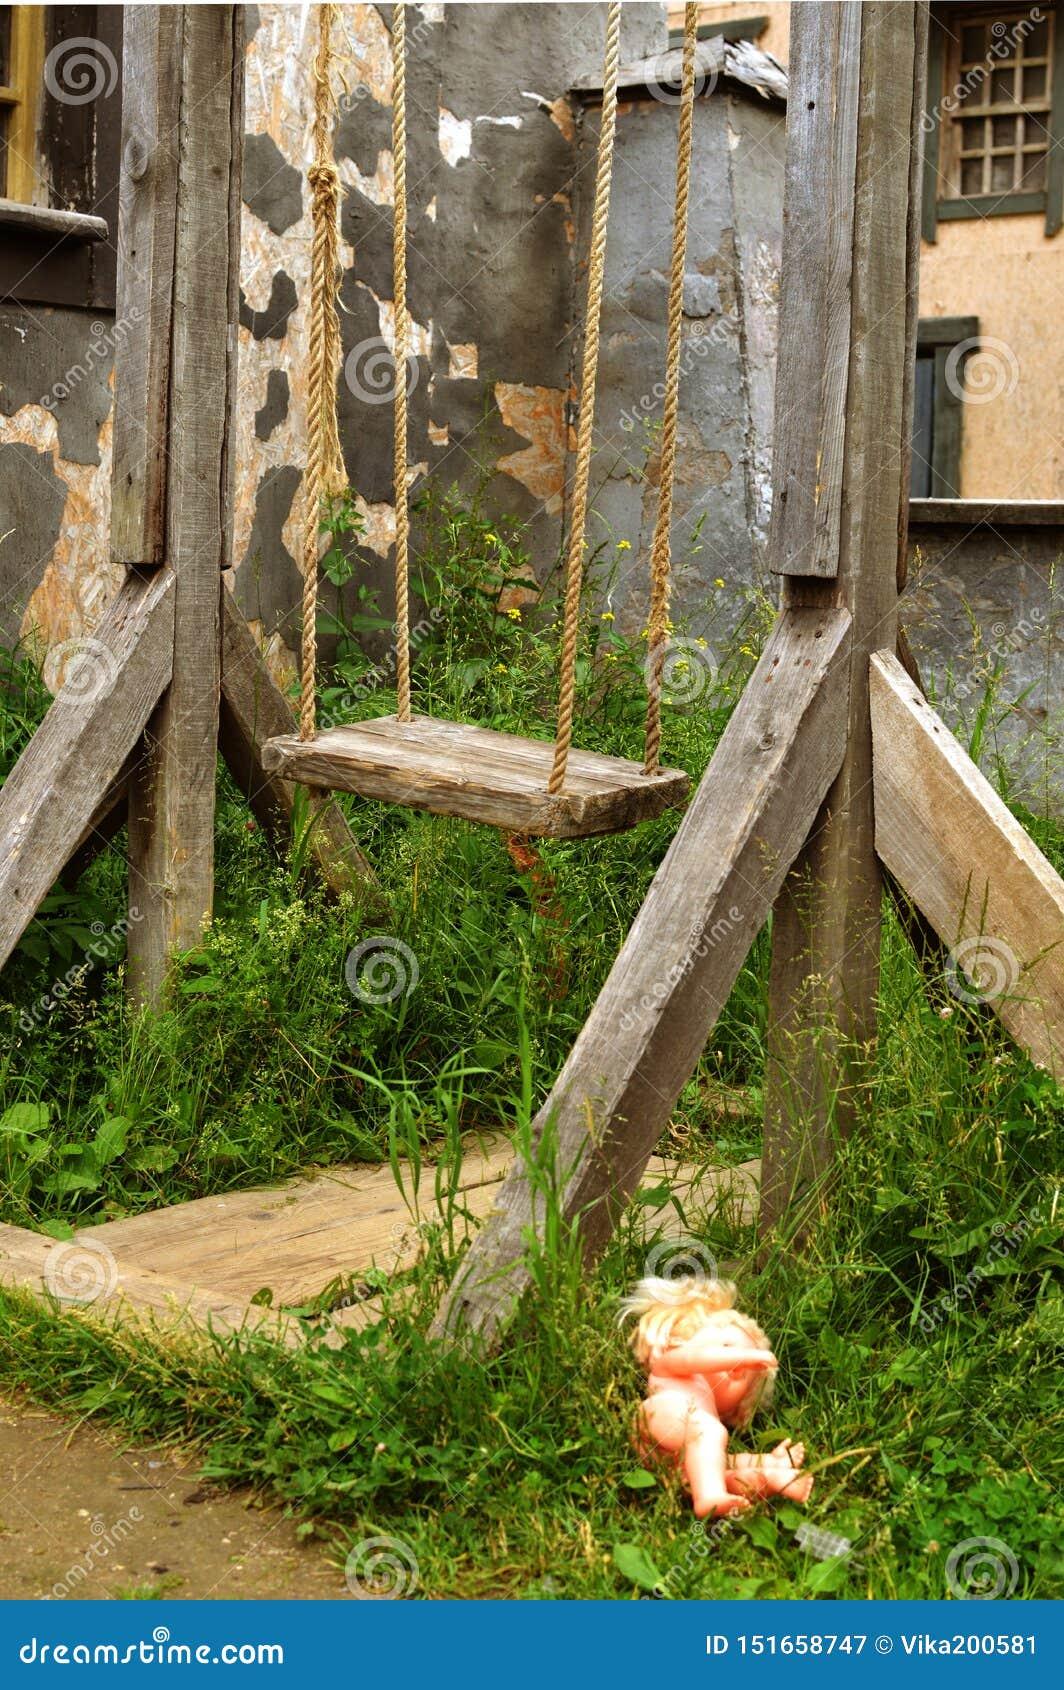 Balanceo de madera antiguo en cuerdas cerca del edificio sin los niños